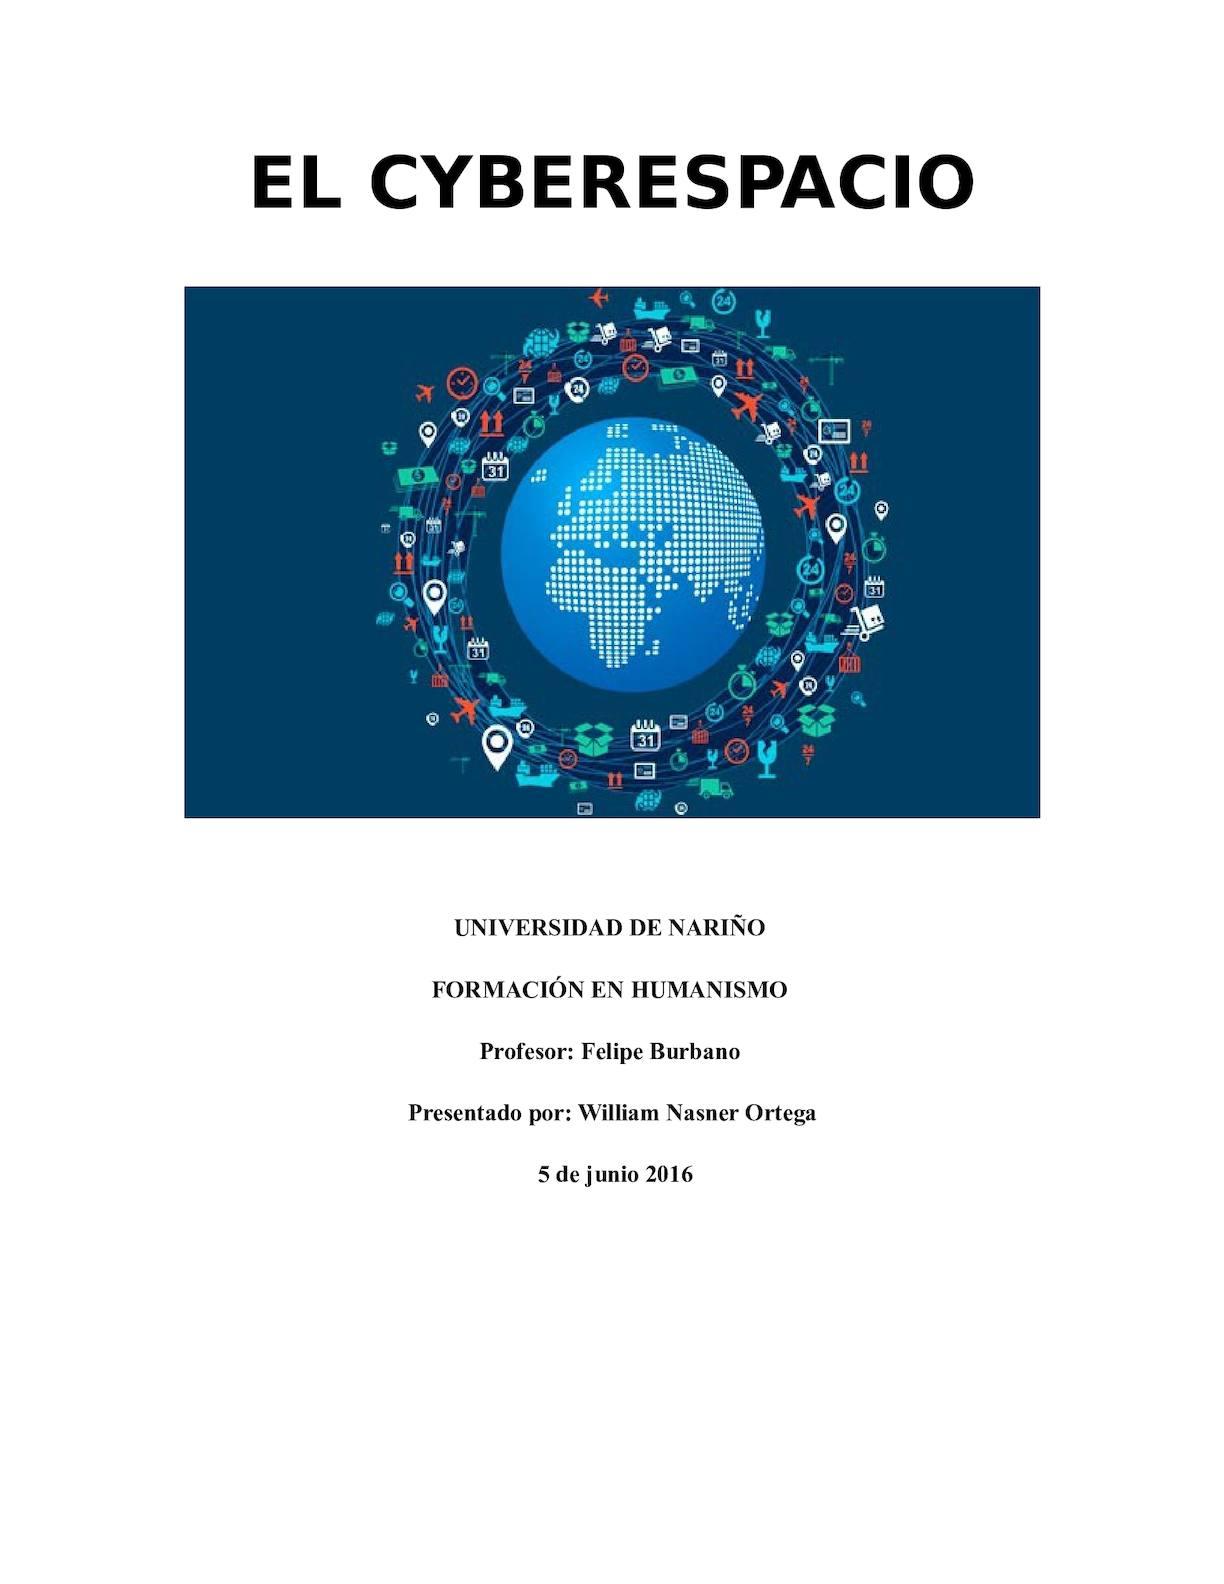 El Cyberespacio